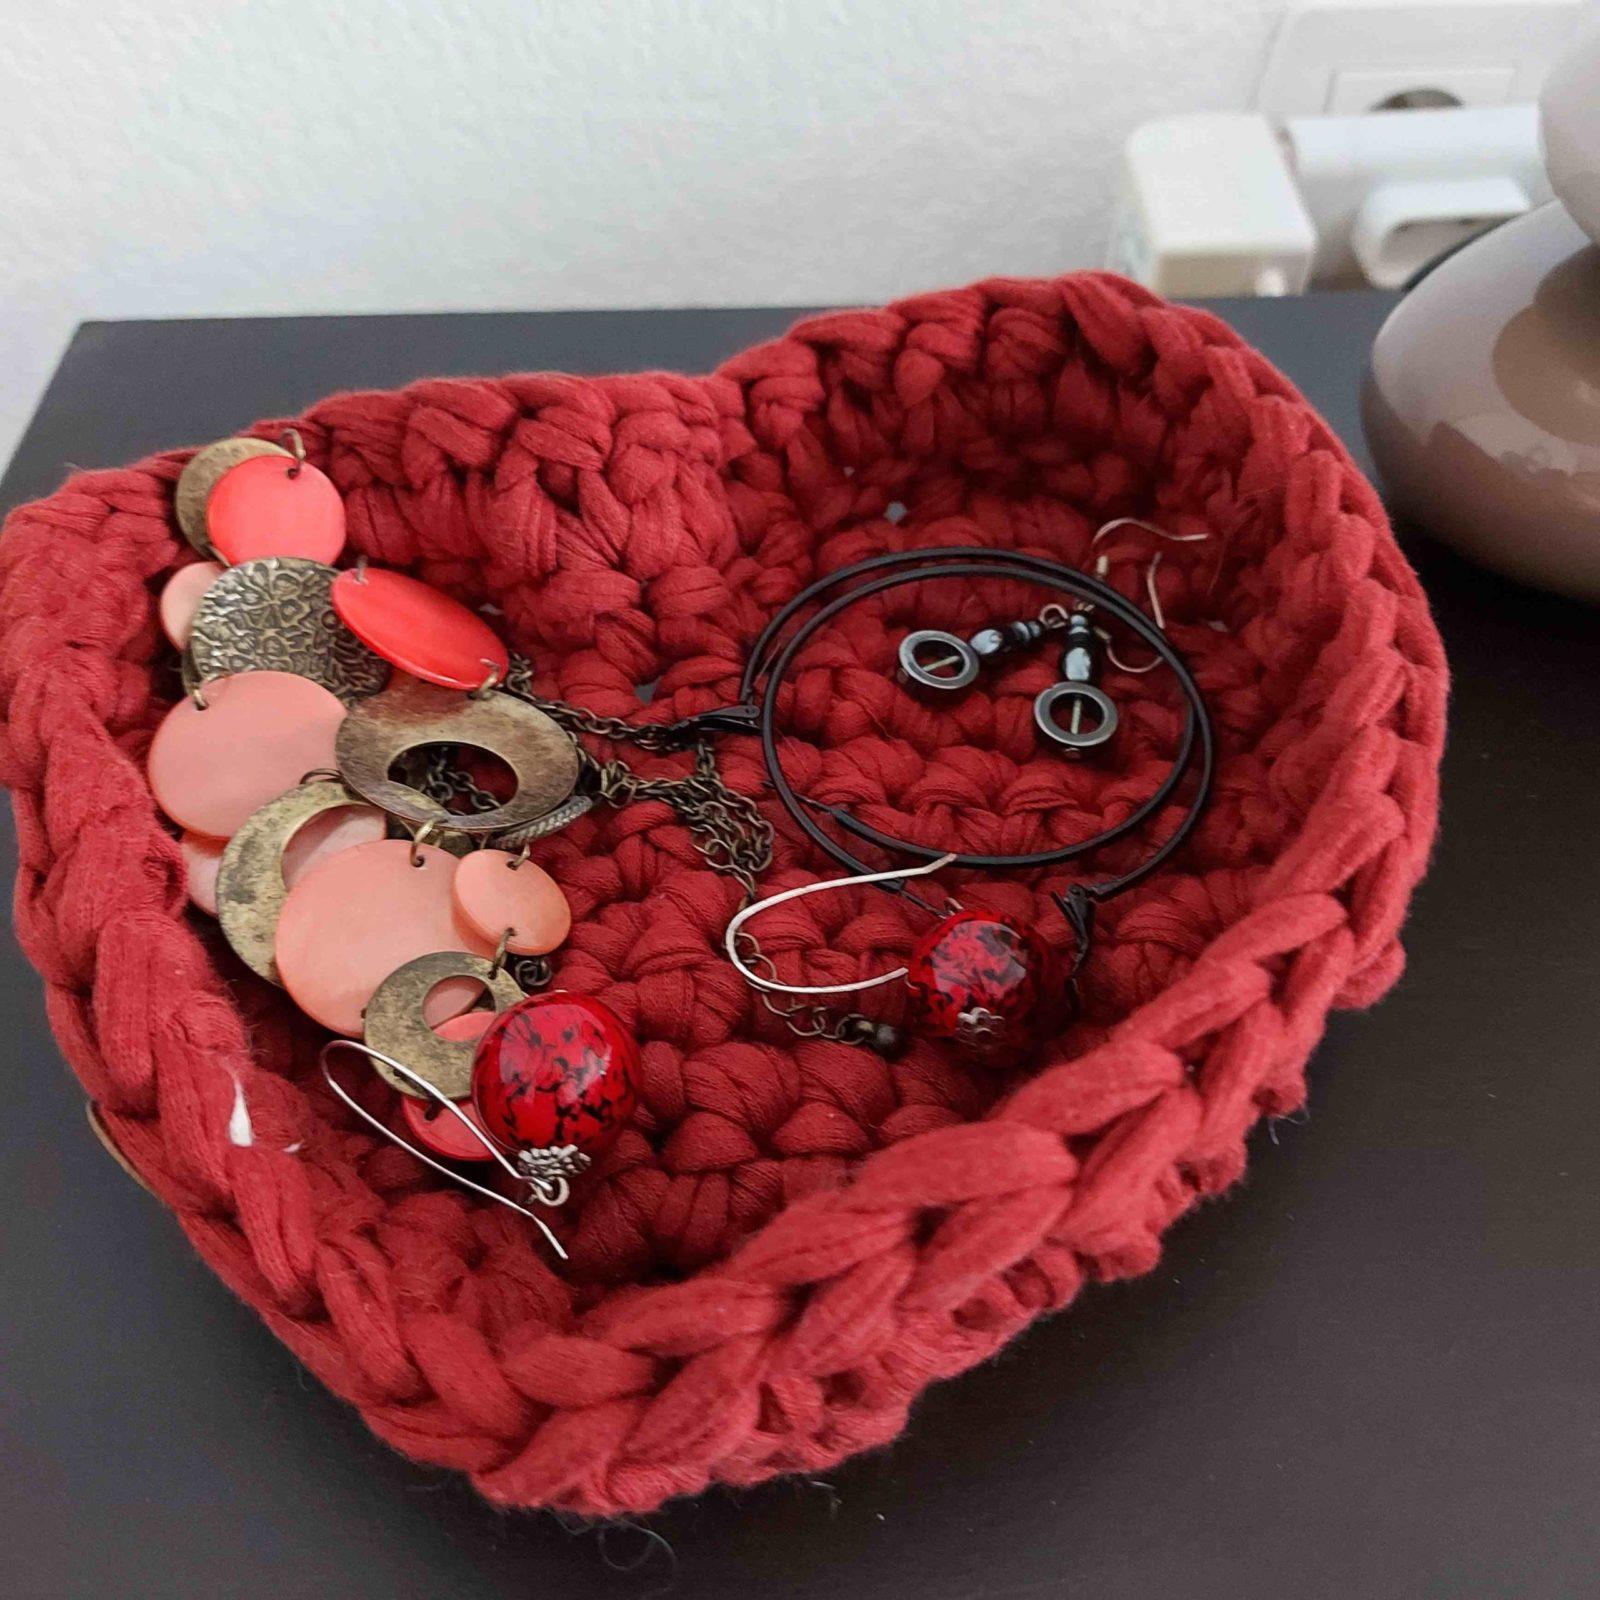 corbeille-coton-recycle-forme-coeur-couleur-bordeau